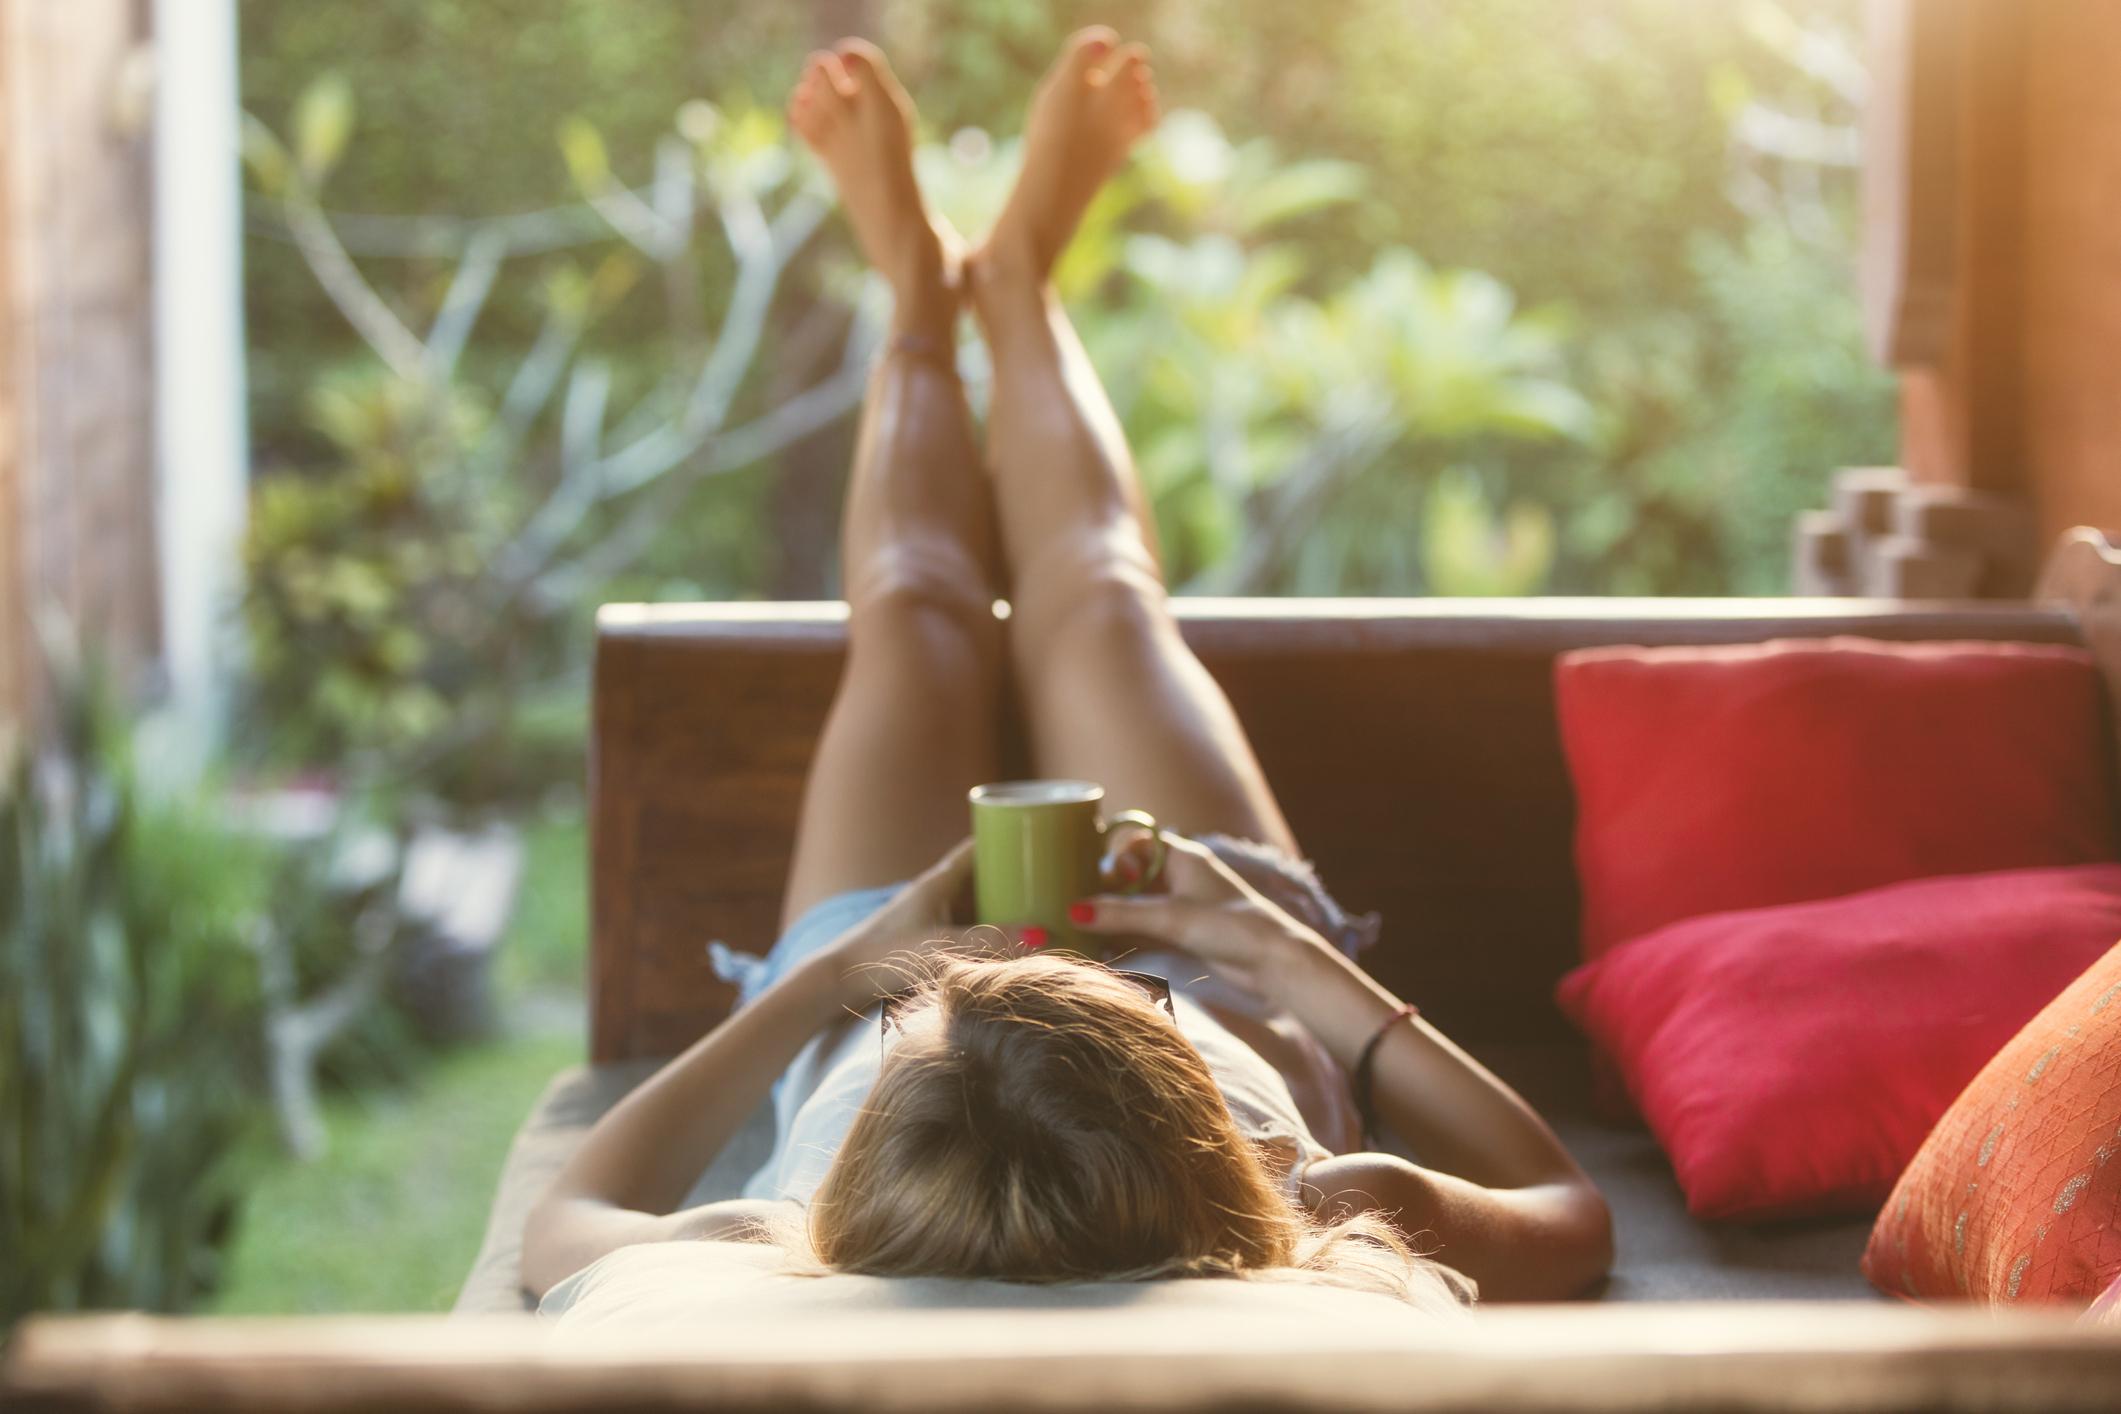 Urlaubsstimmung kann auch zuhause aufkommen. Bild: Getty Images / m-gucci